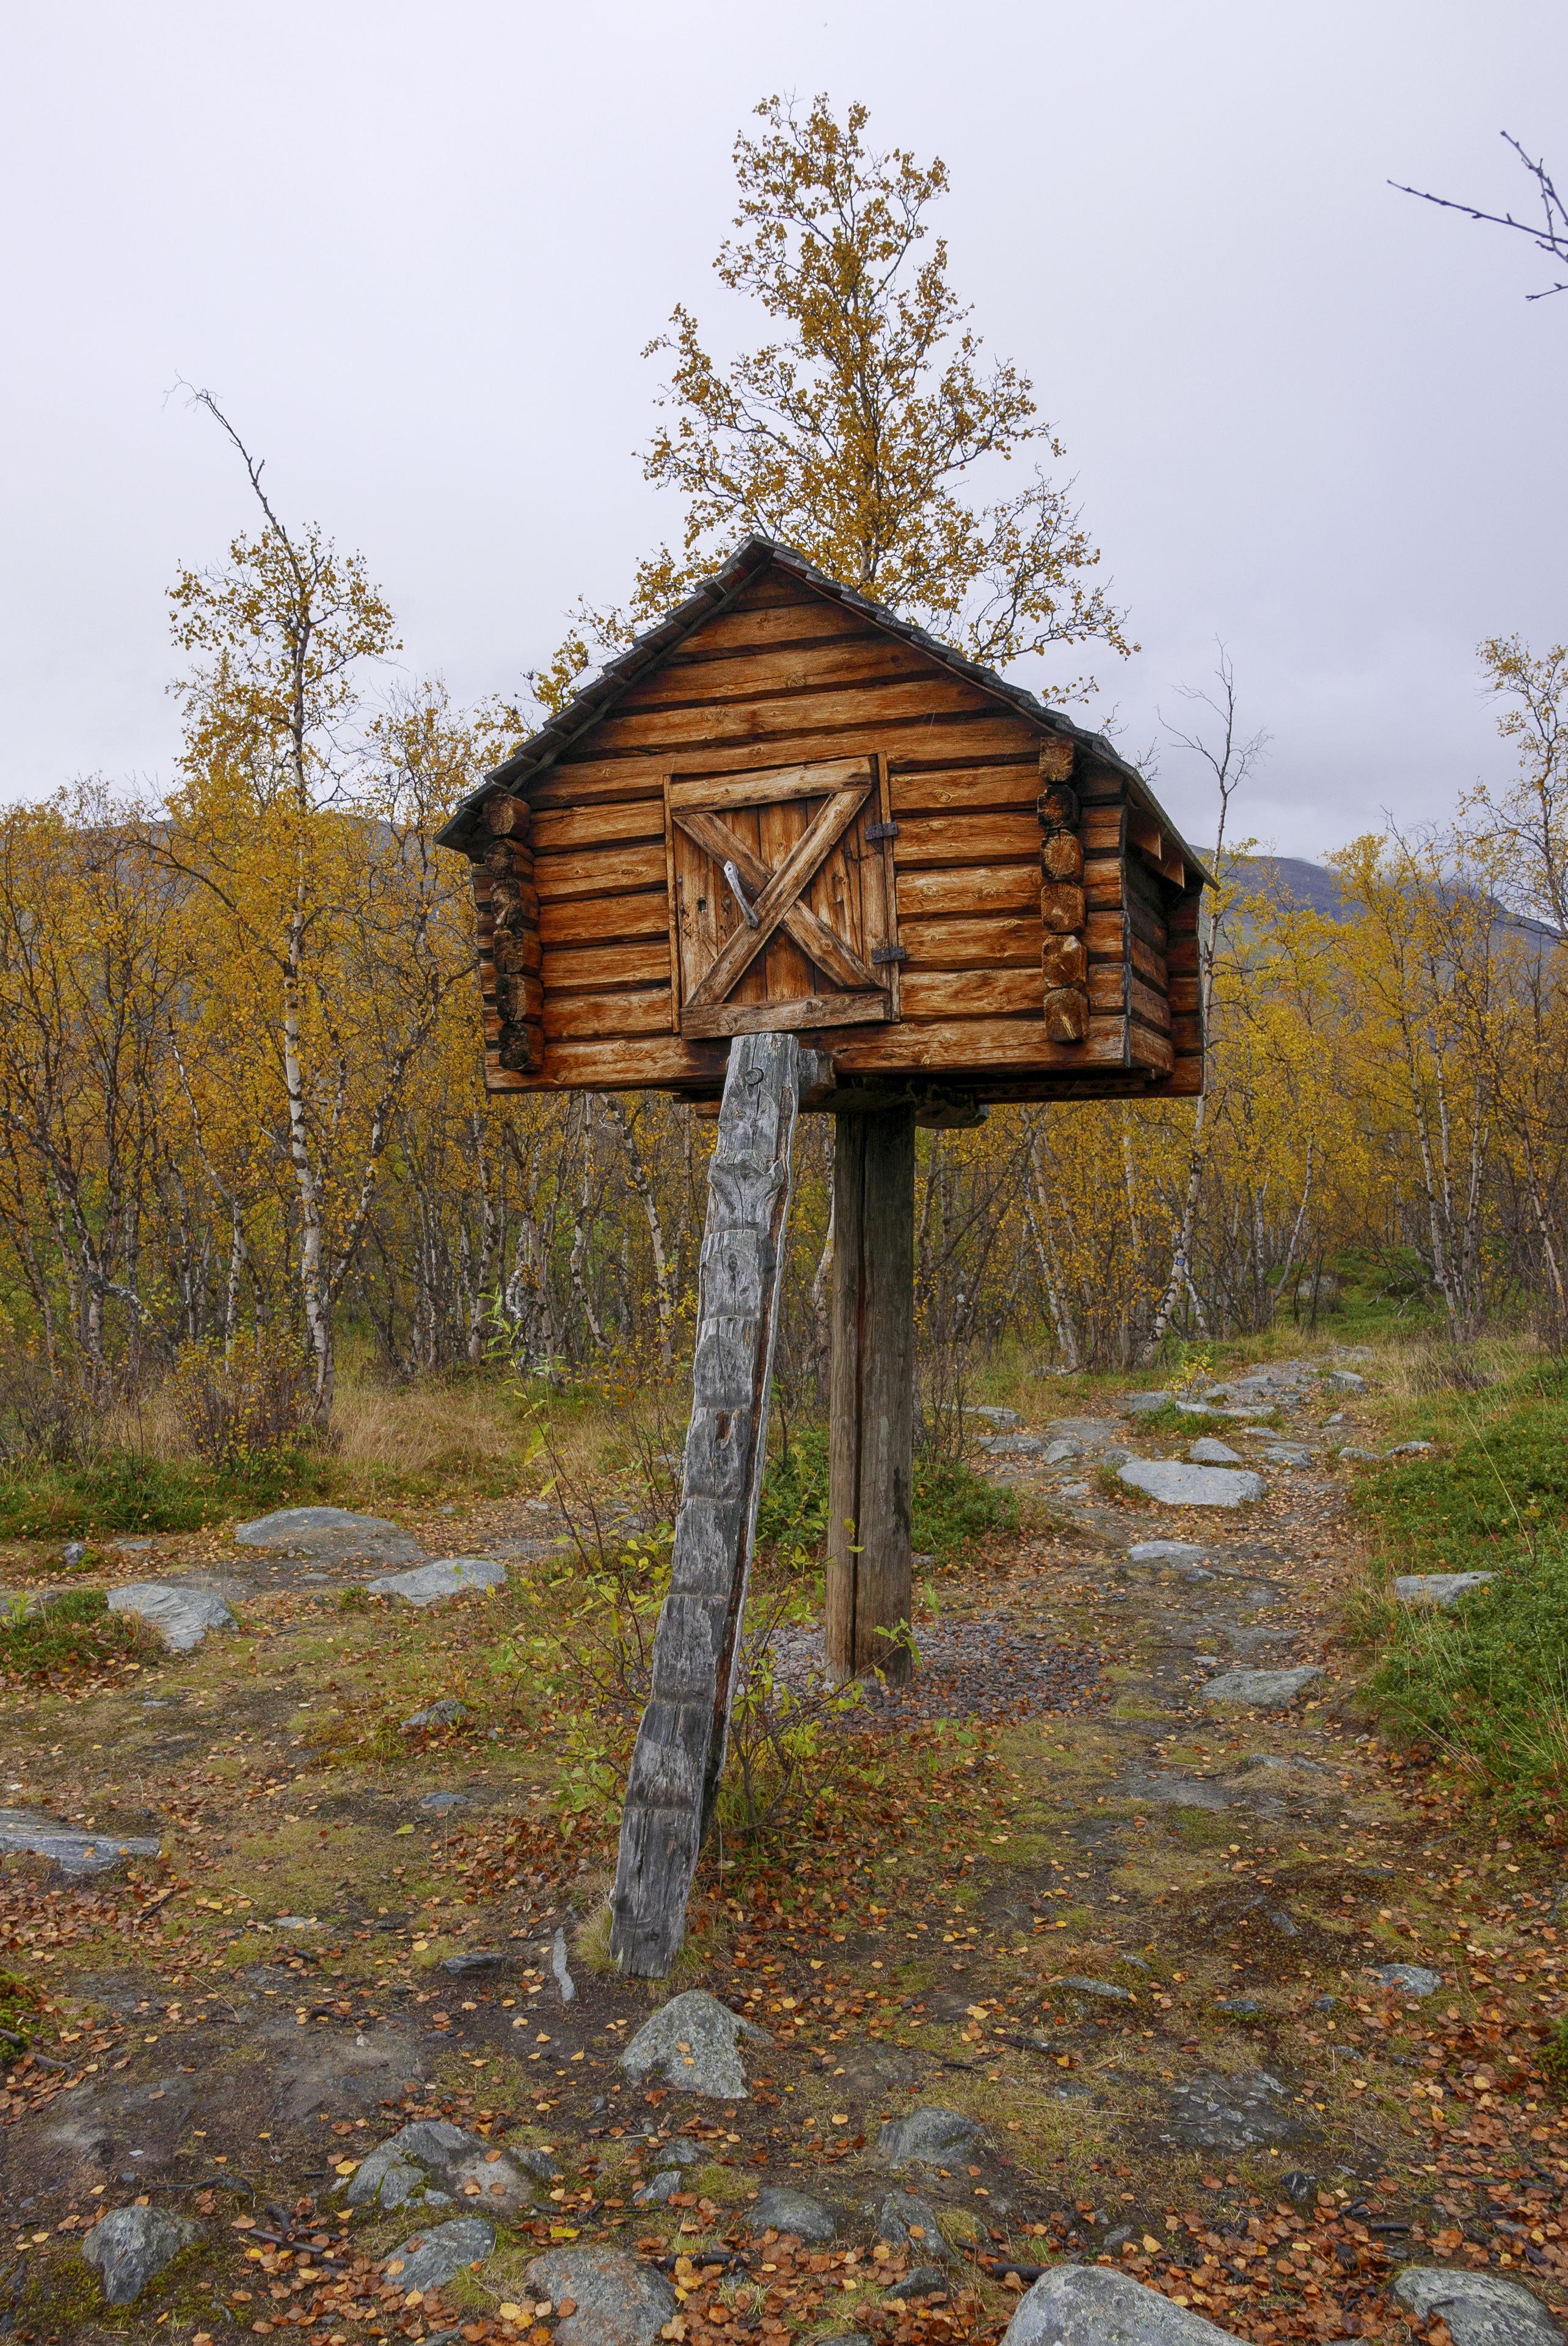 Sami Camp / Abisko,©Markus Proske—Panasonic DMC-LX100, 30mm, 1/160s, Blende 5.6, ISO 200